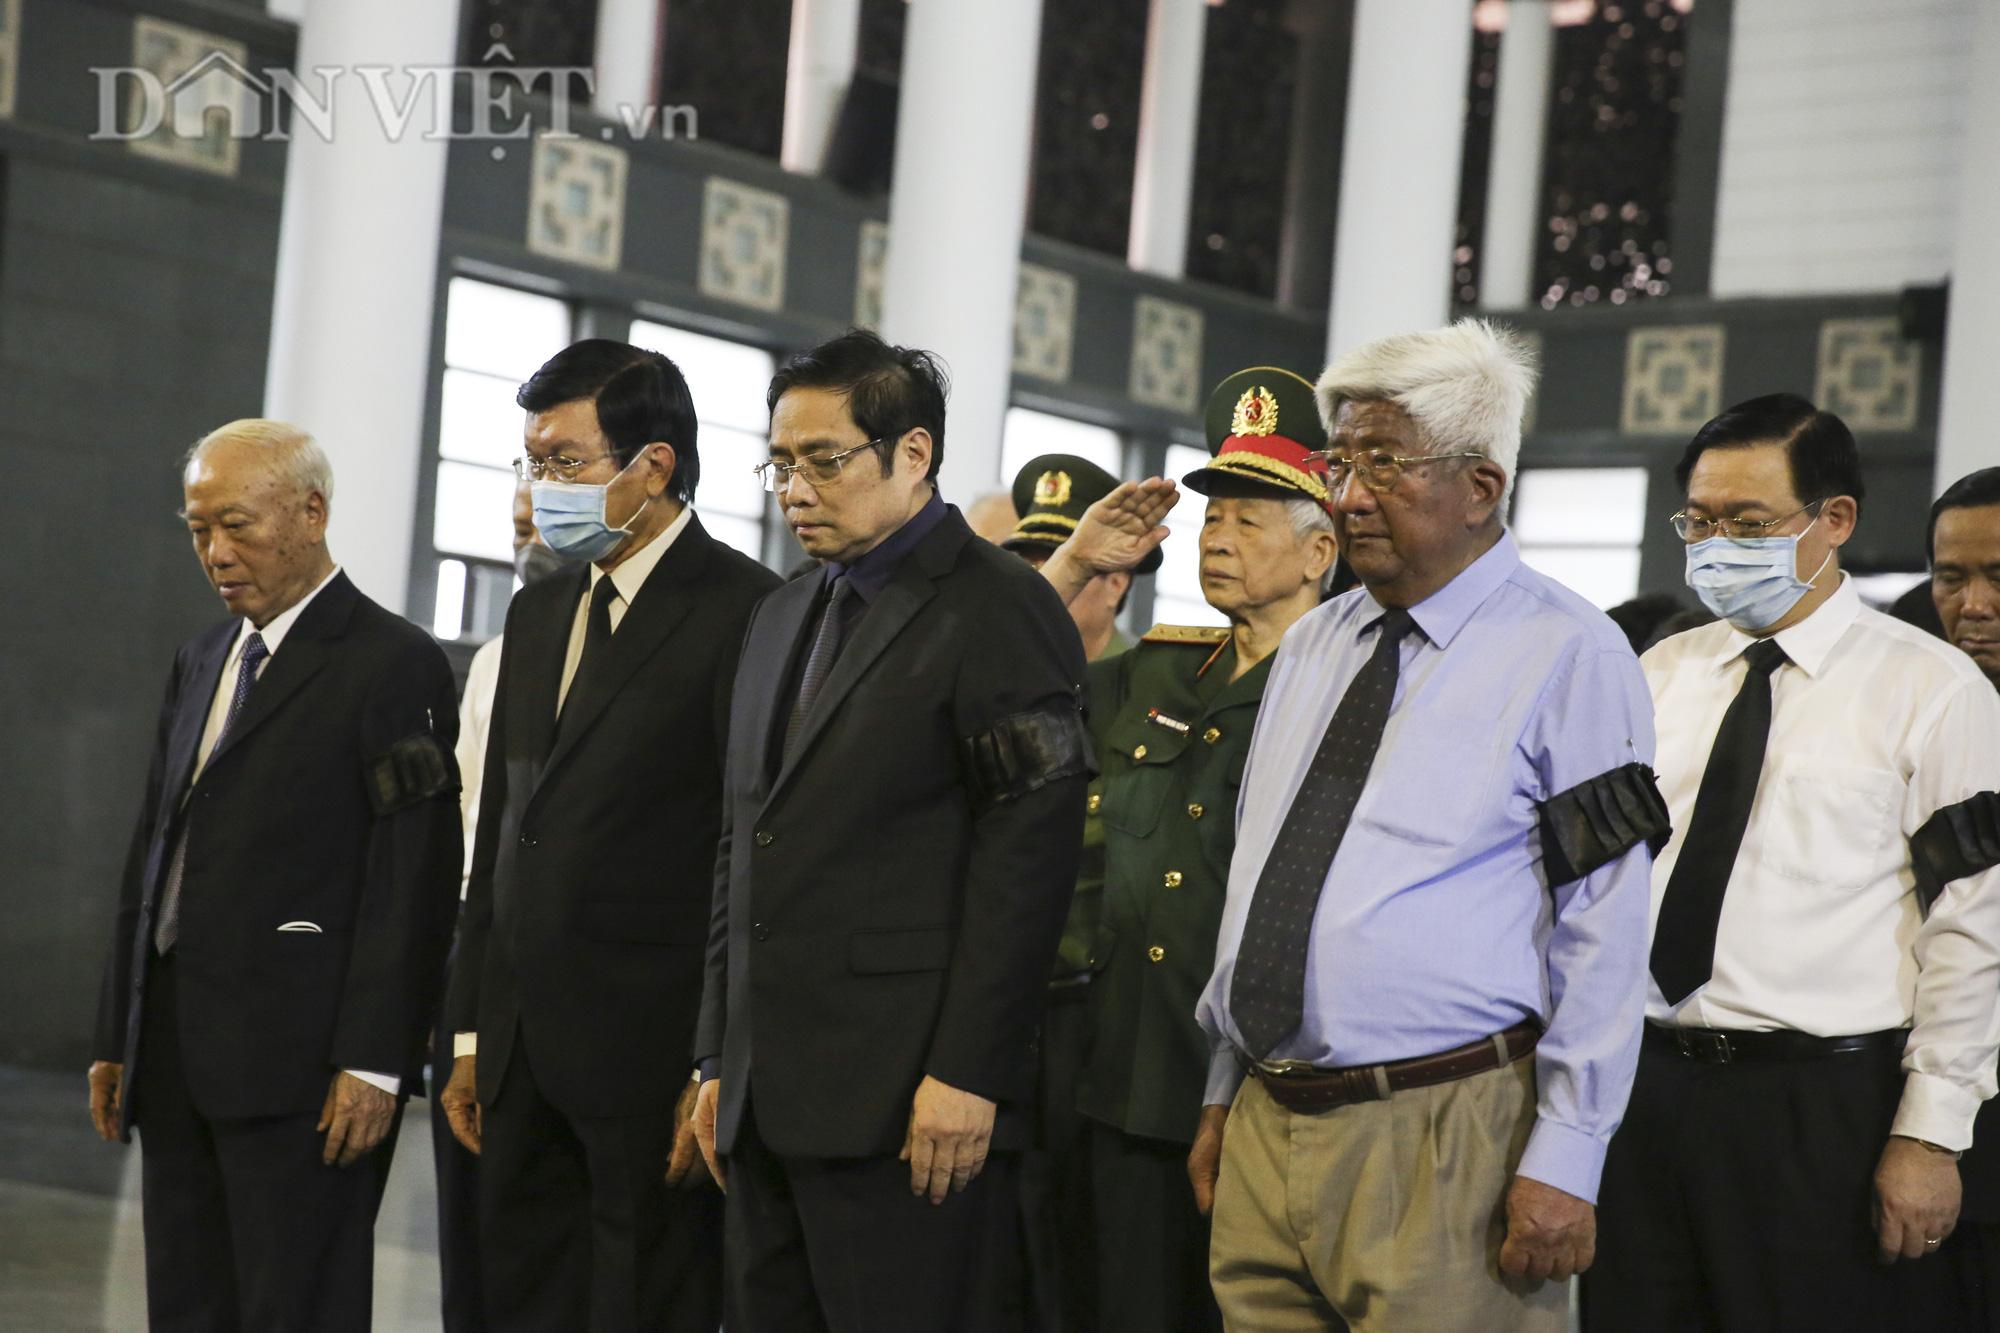 Thủ tướng đến viếng, tiễn đưa đồng chí Nguyễn Đình Hương - Ảnh 8.